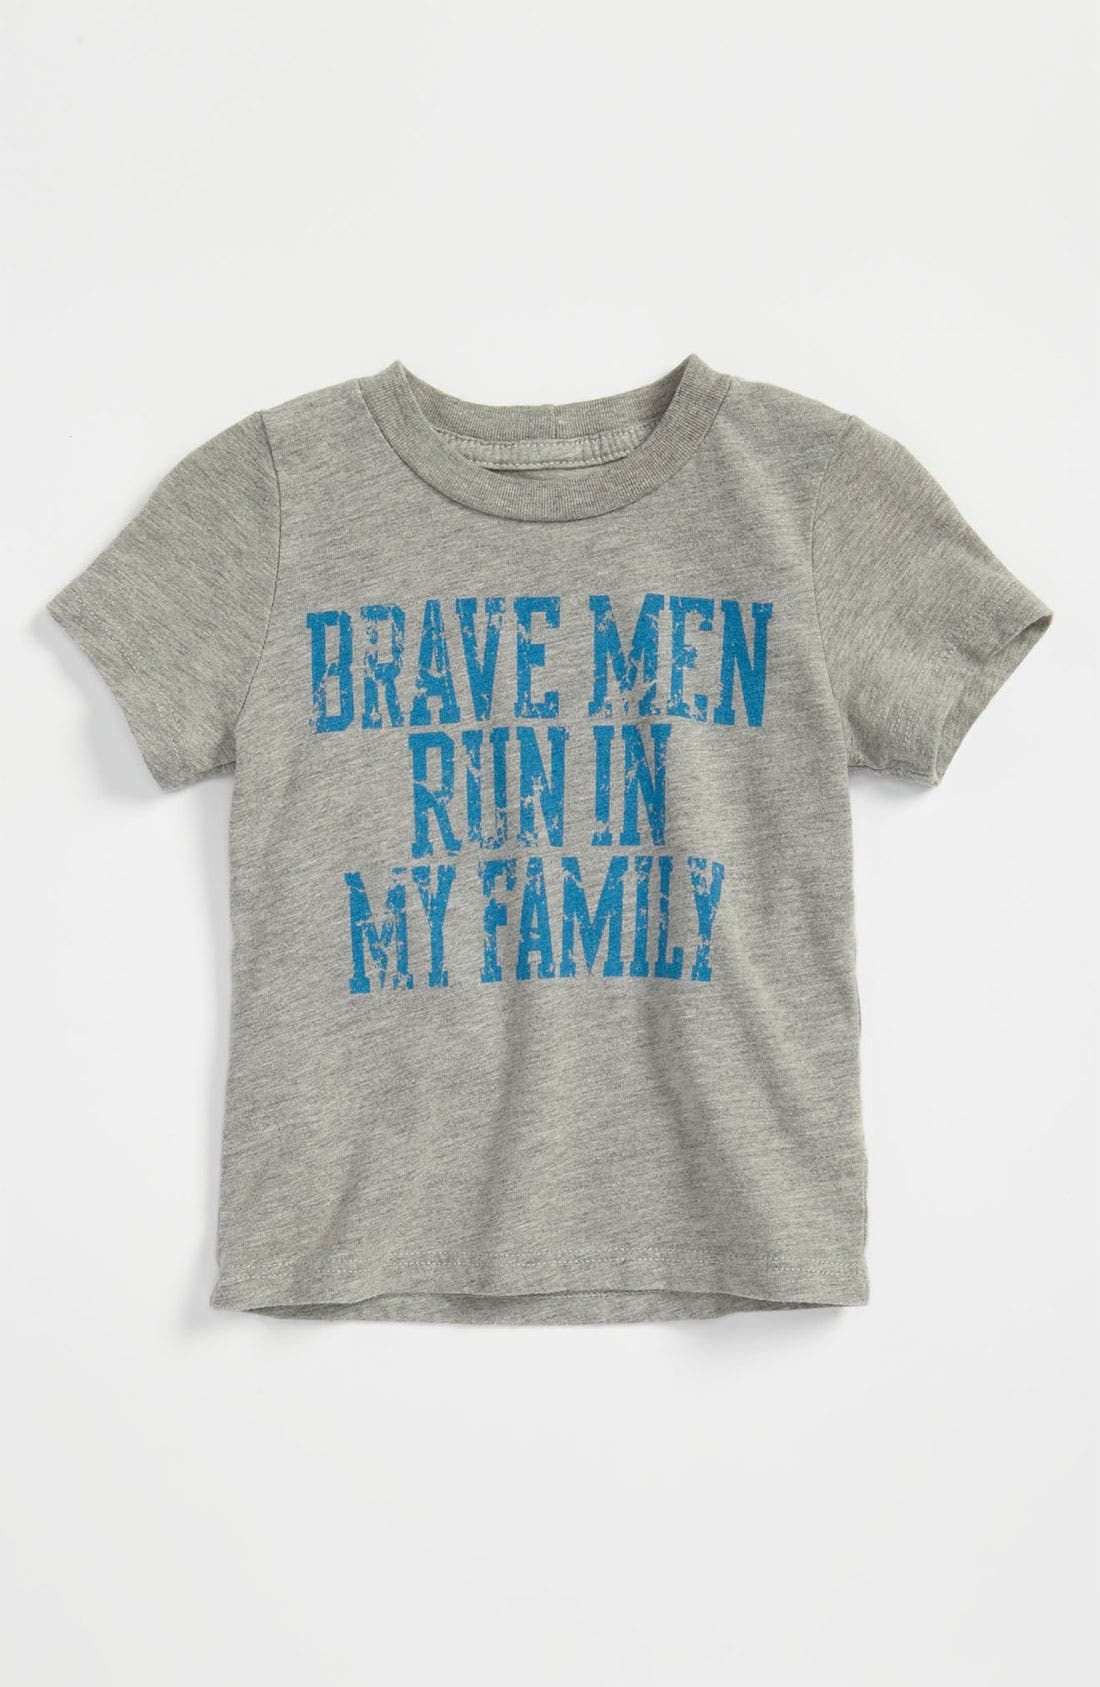 Alternate Image 1 Selected - Peek 'Brave Men' T-Shirt (Infant)